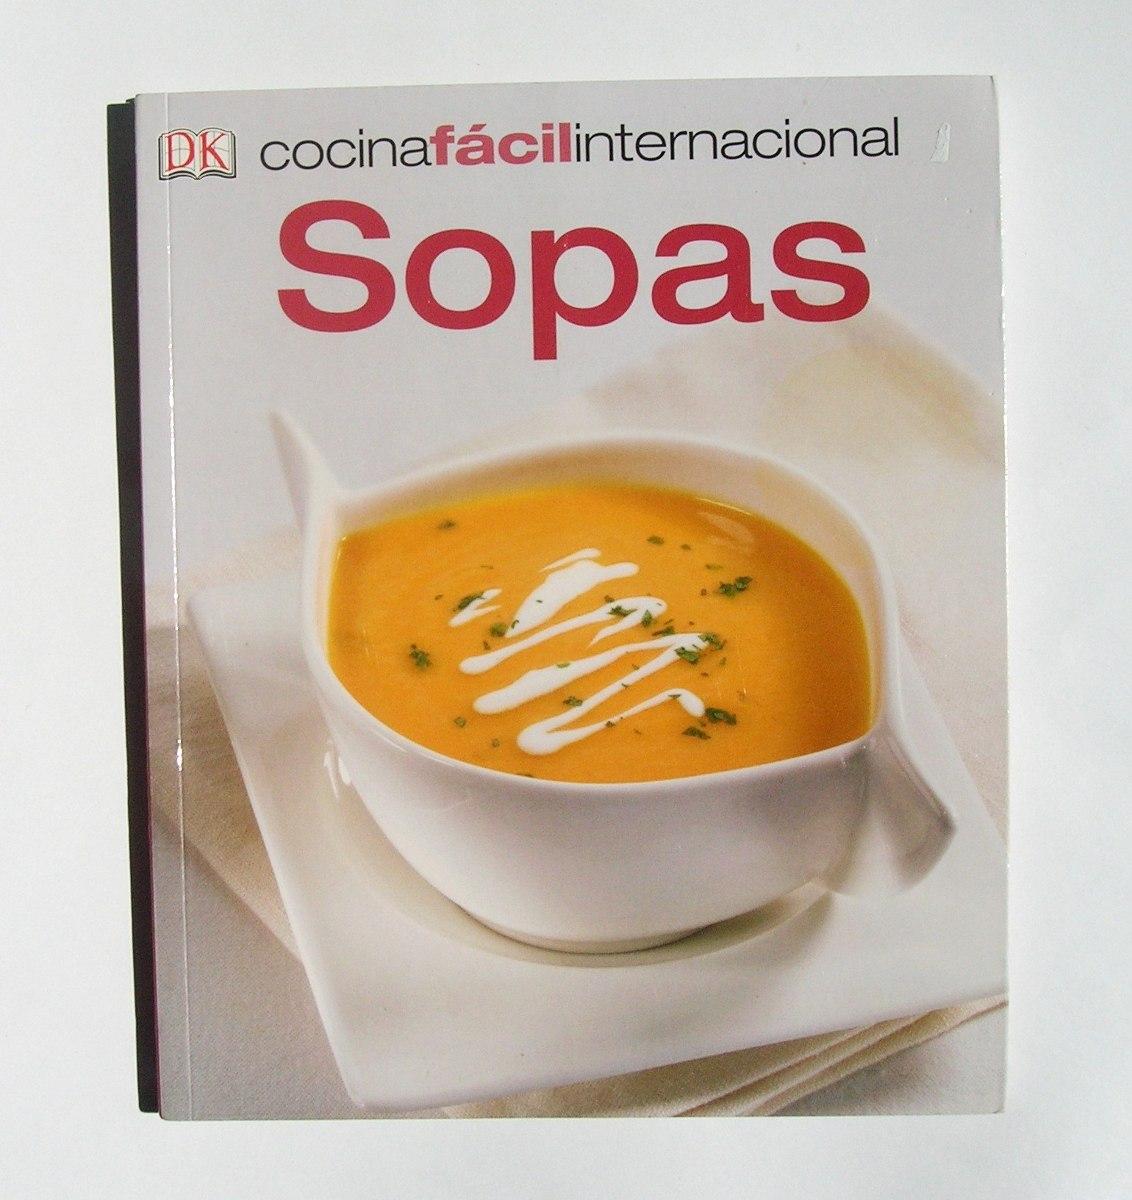 Cocina facil internacional sopas libro mexicano 2011 - Videos cocina facil ...